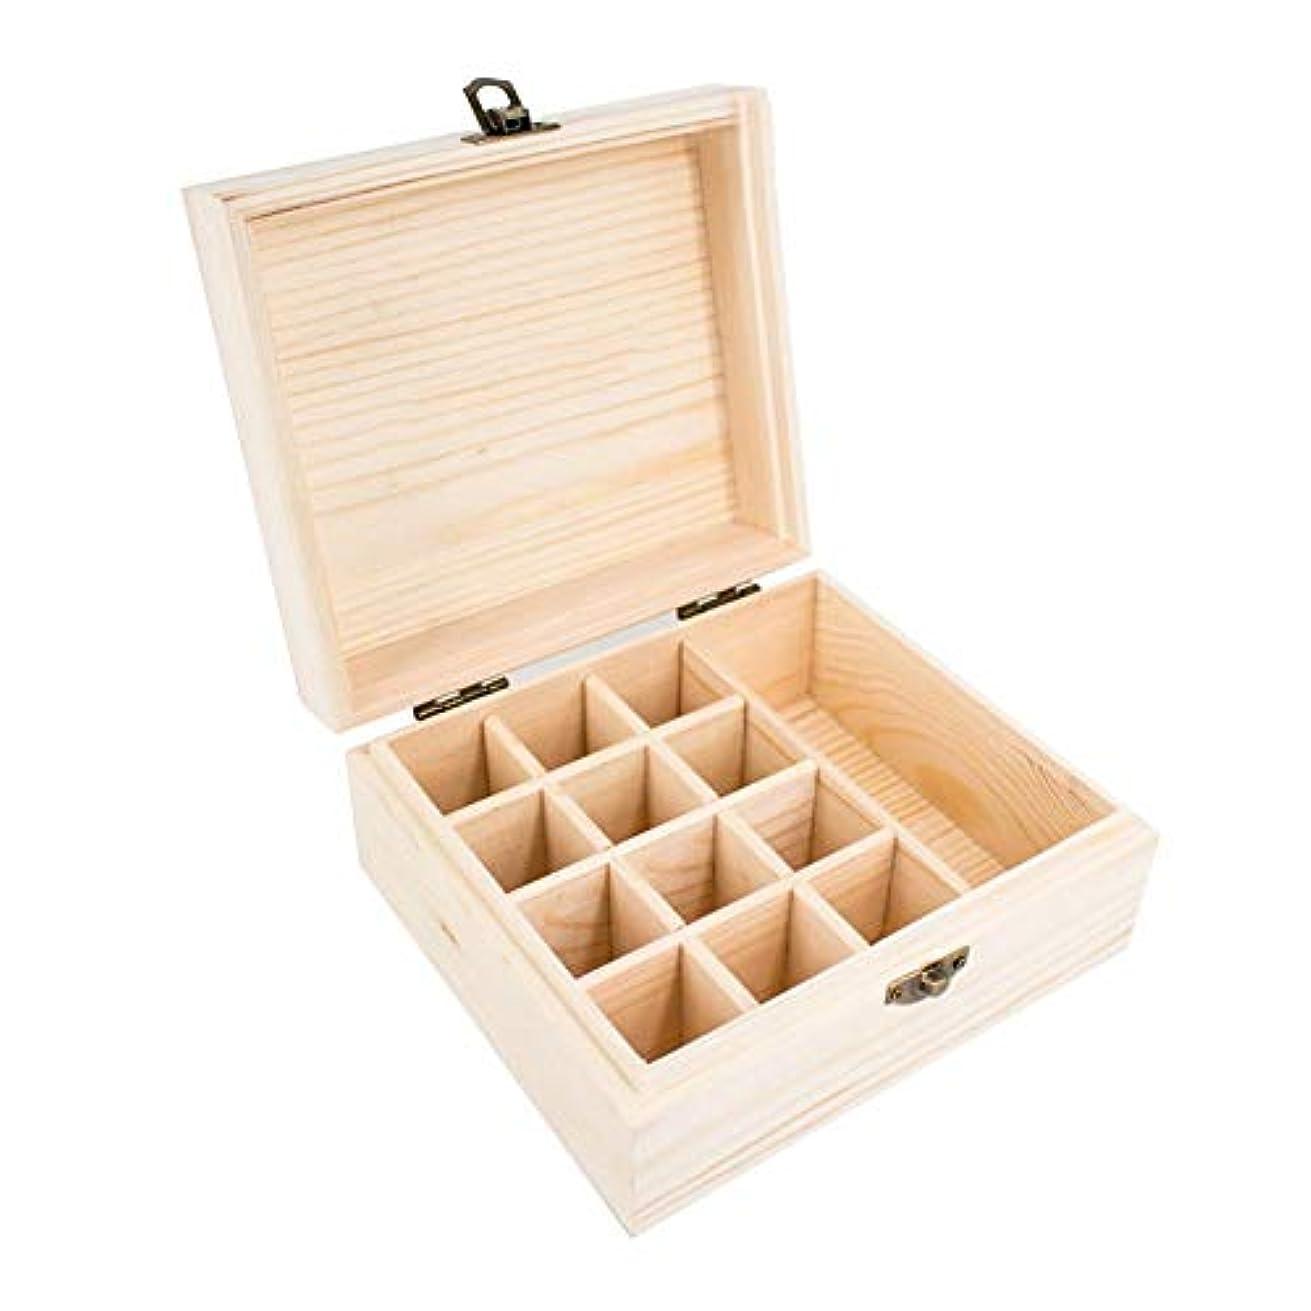 矢症候群語精油収納ボックス エッセンシャルオイル収納ケース 小容量 13本収納可能 木製 環境に優しい 5ml?10ml?15ml?115mlの精油ボルトに対応 junexi